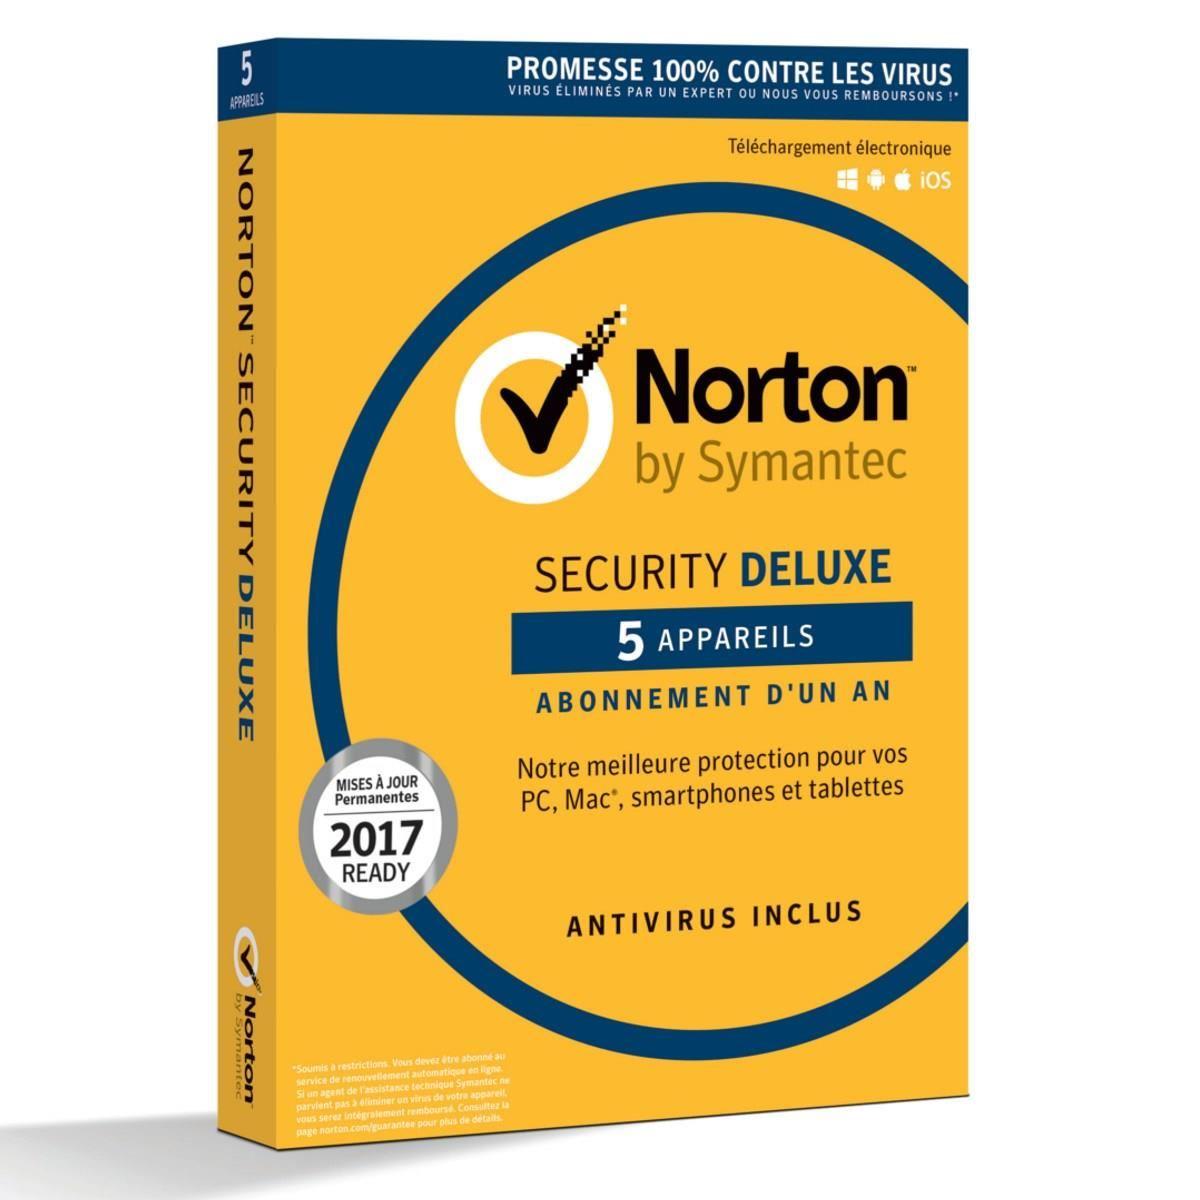 Antivirus en ligne : prendre soin d'un ordinateur